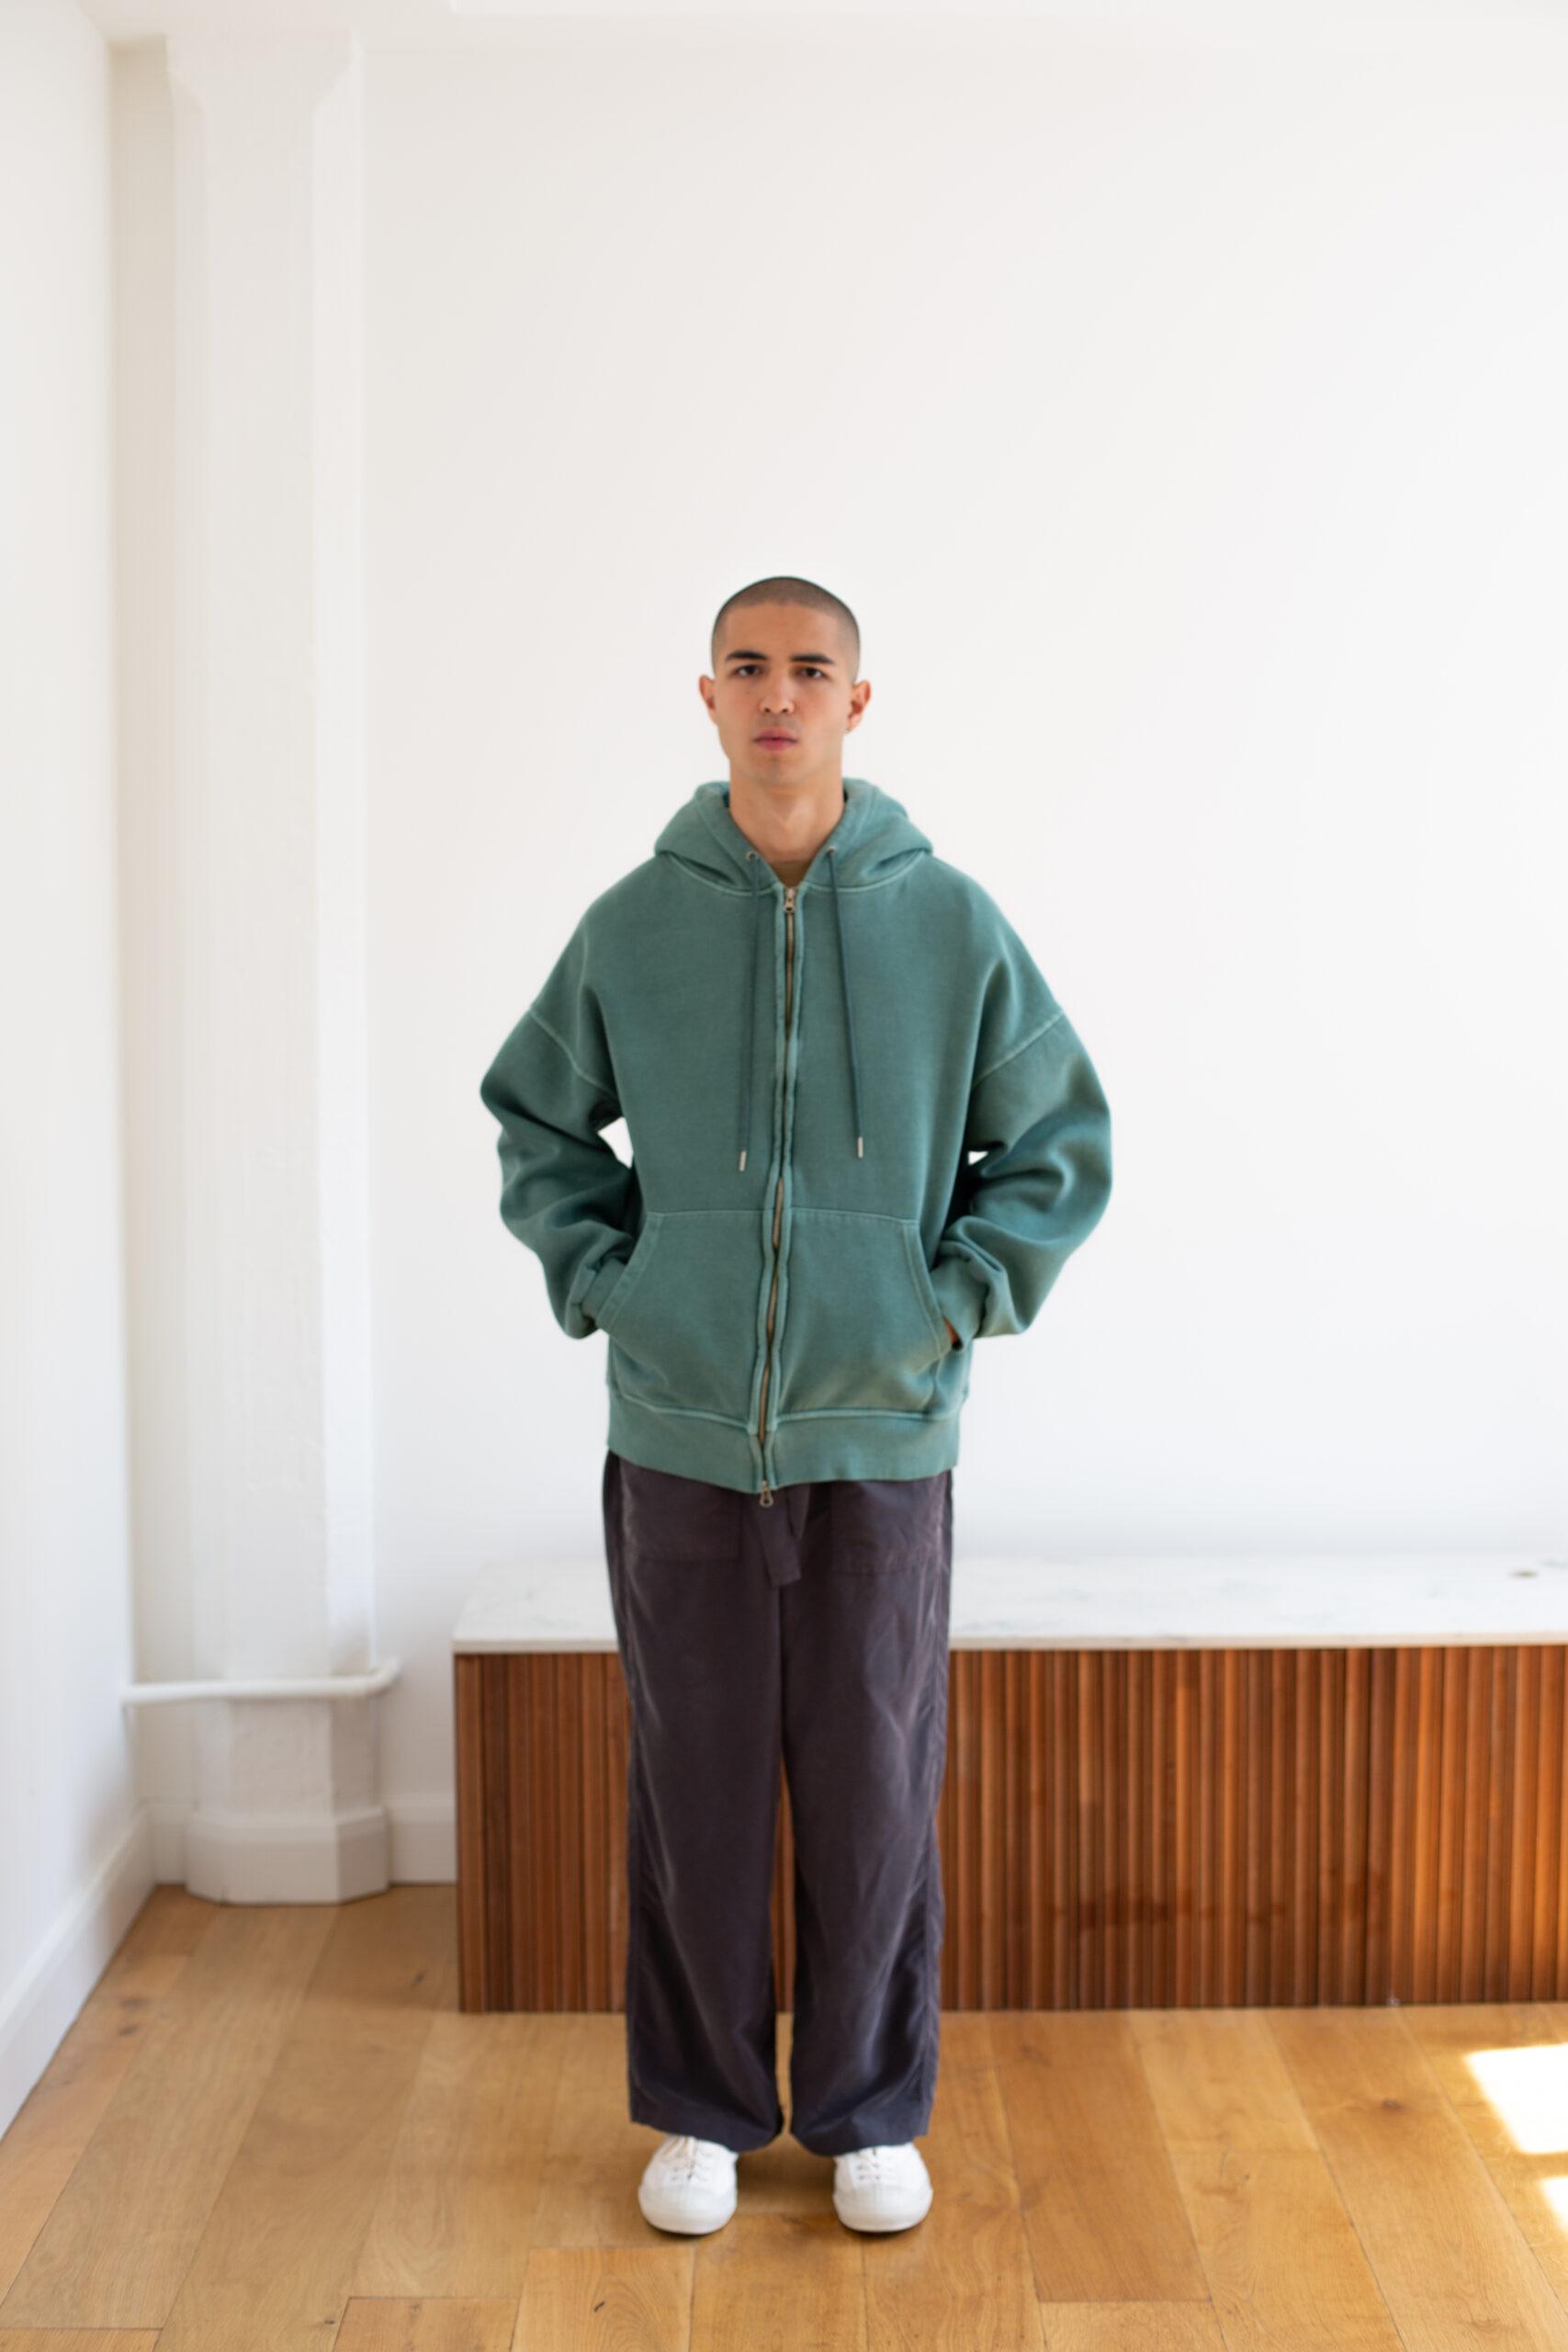 Essential Zip Hoodie in Green by Promise Land